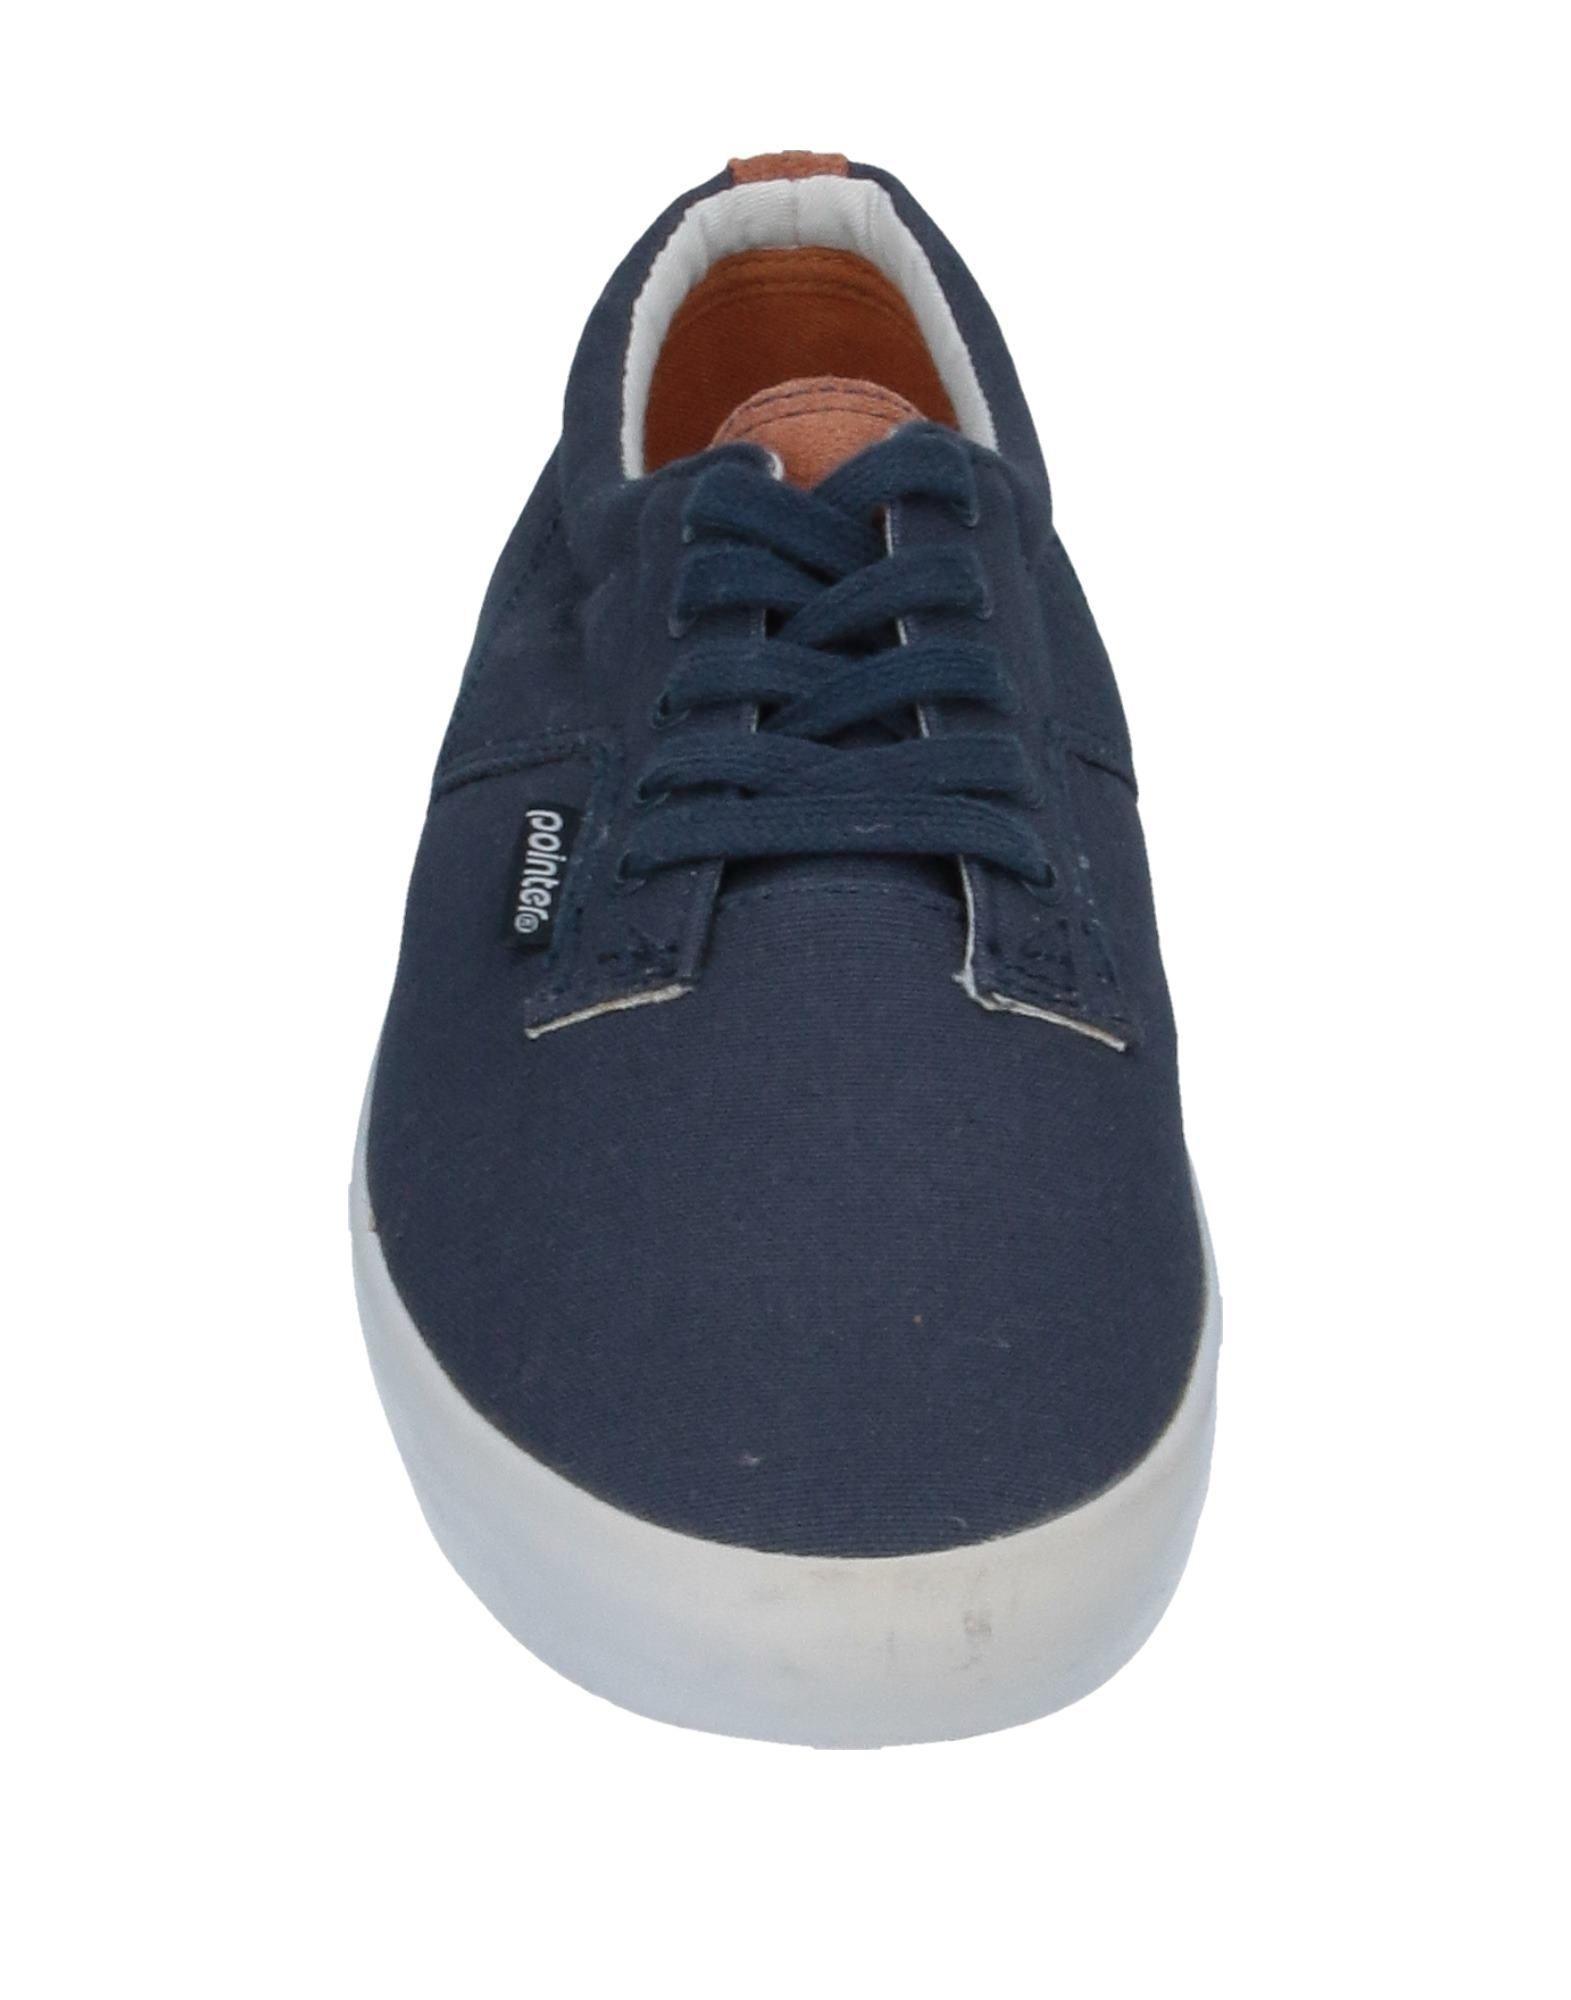 Sneakers & Deportivas Pointer de Lona de color Azul para hombre